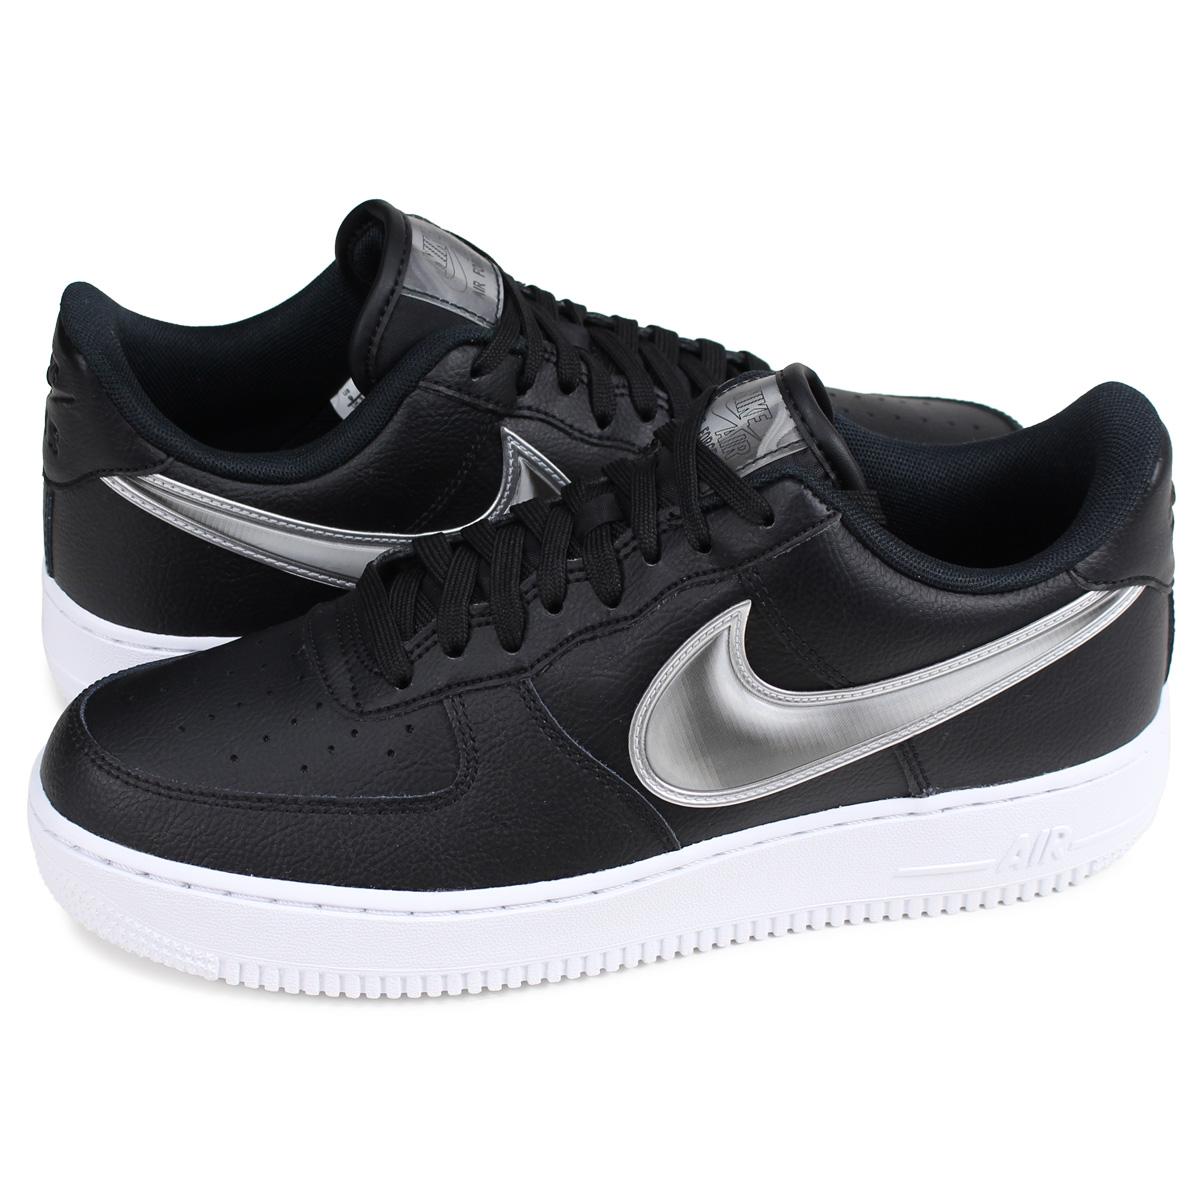 Nike NIKE air force 1 sneakers men AIR FORCE 1 07 LV8 3 black black  AO2441-003